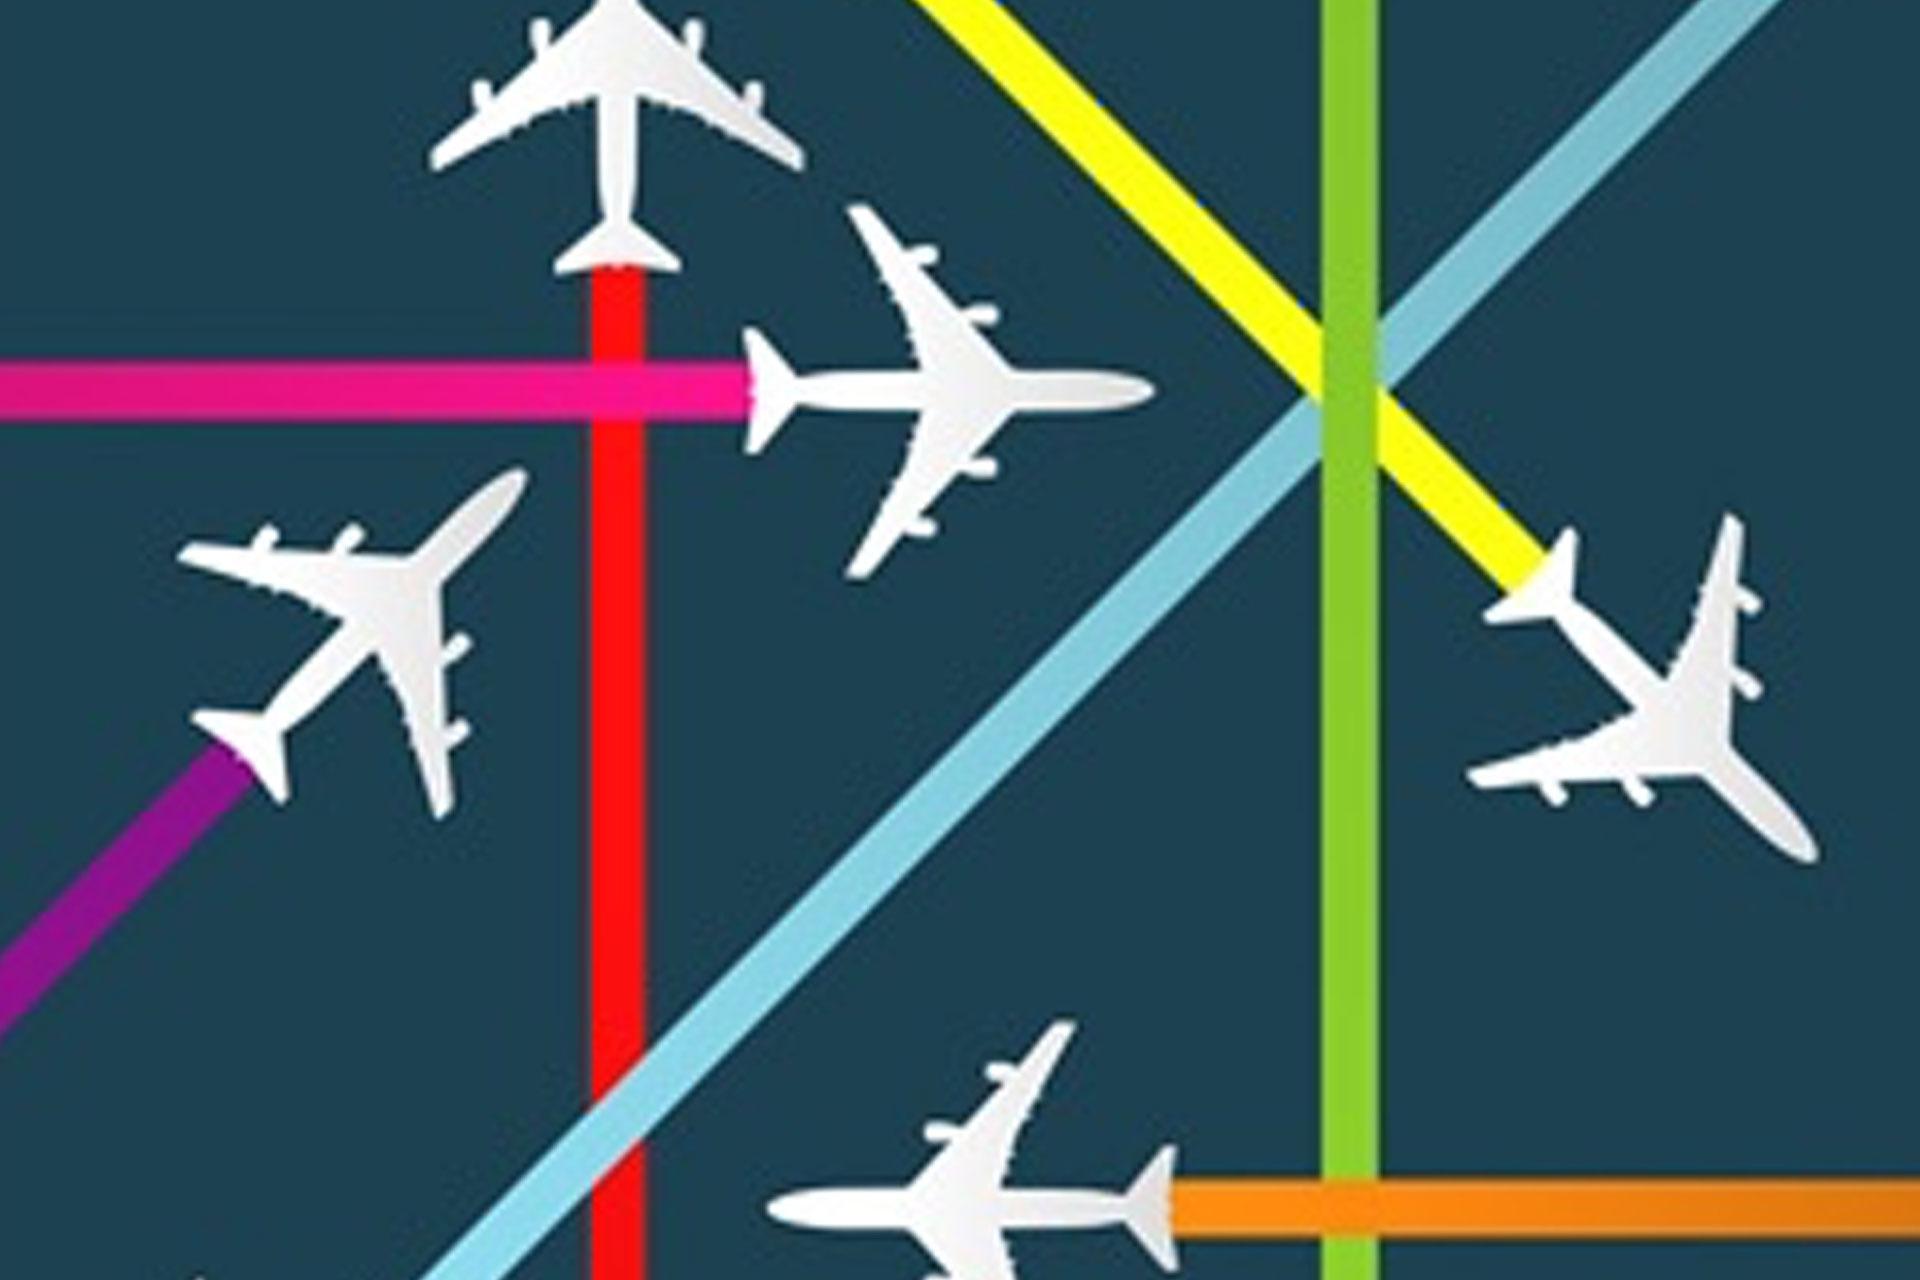 pesquisar voos baratos, rotas de voos low cost